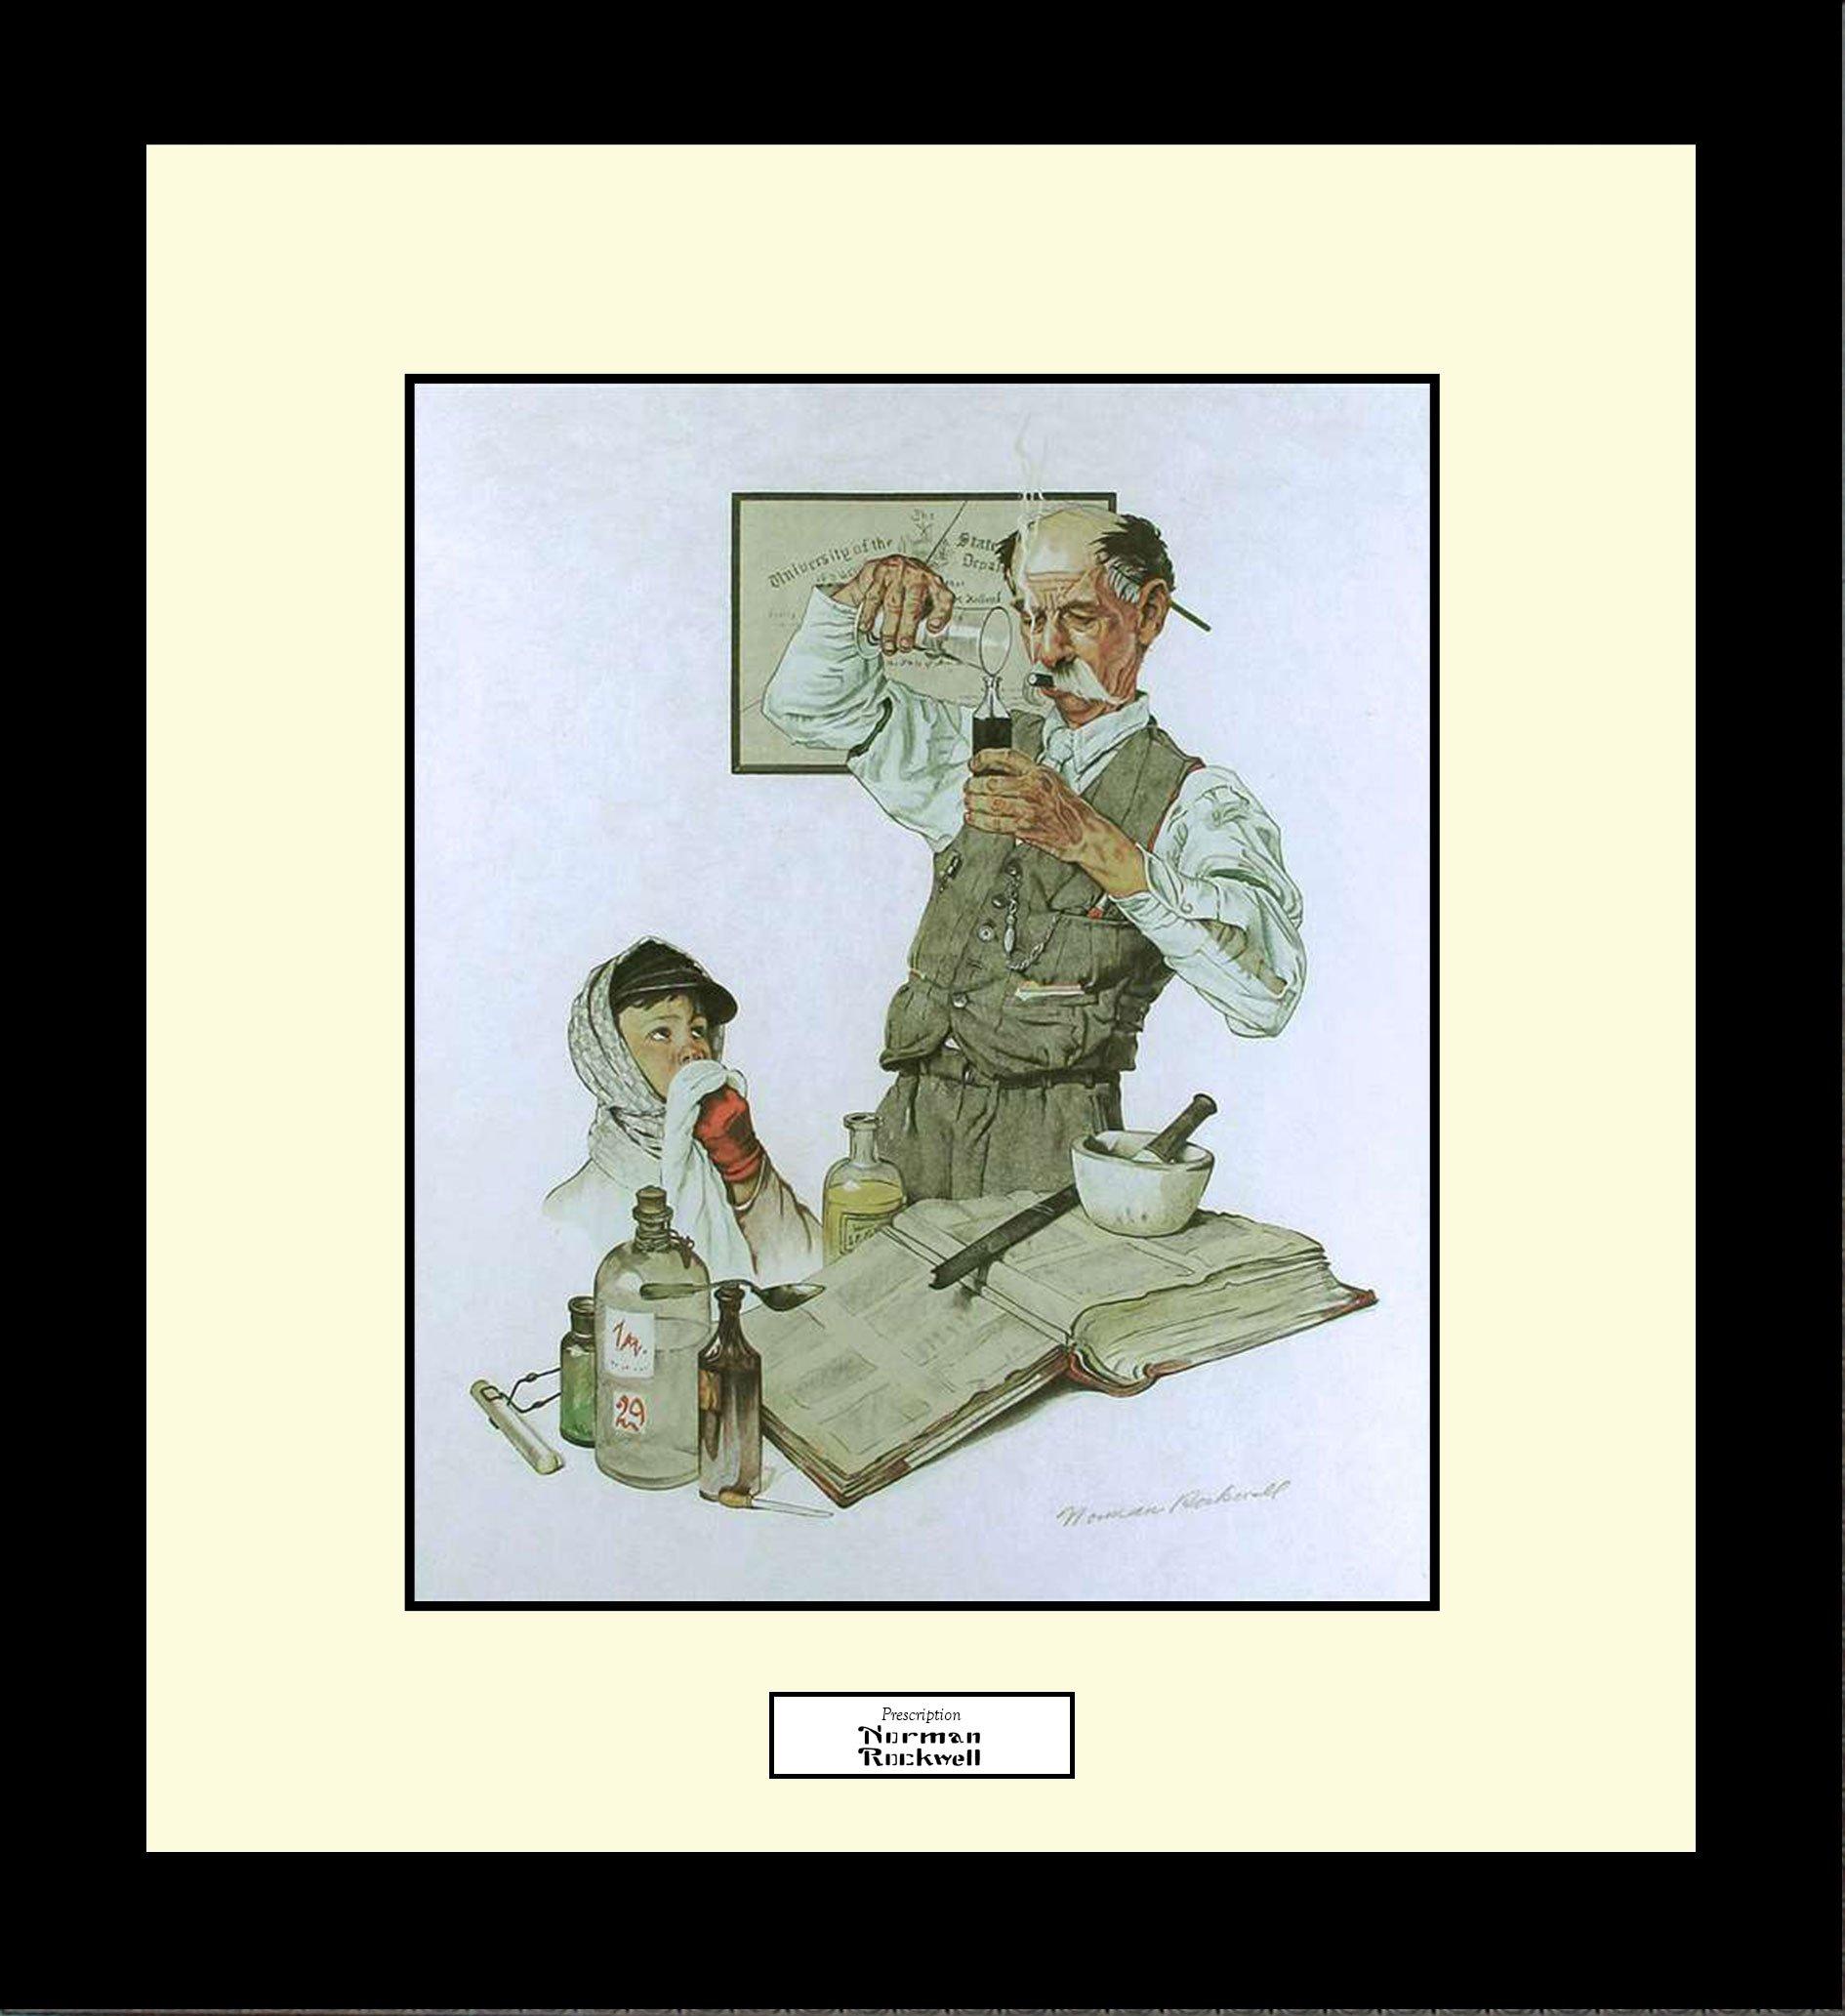 Norman Rockwell PRESCRIPTION Framed Pharmacist Pharmacy Medicine Wall Hanging Art Gift